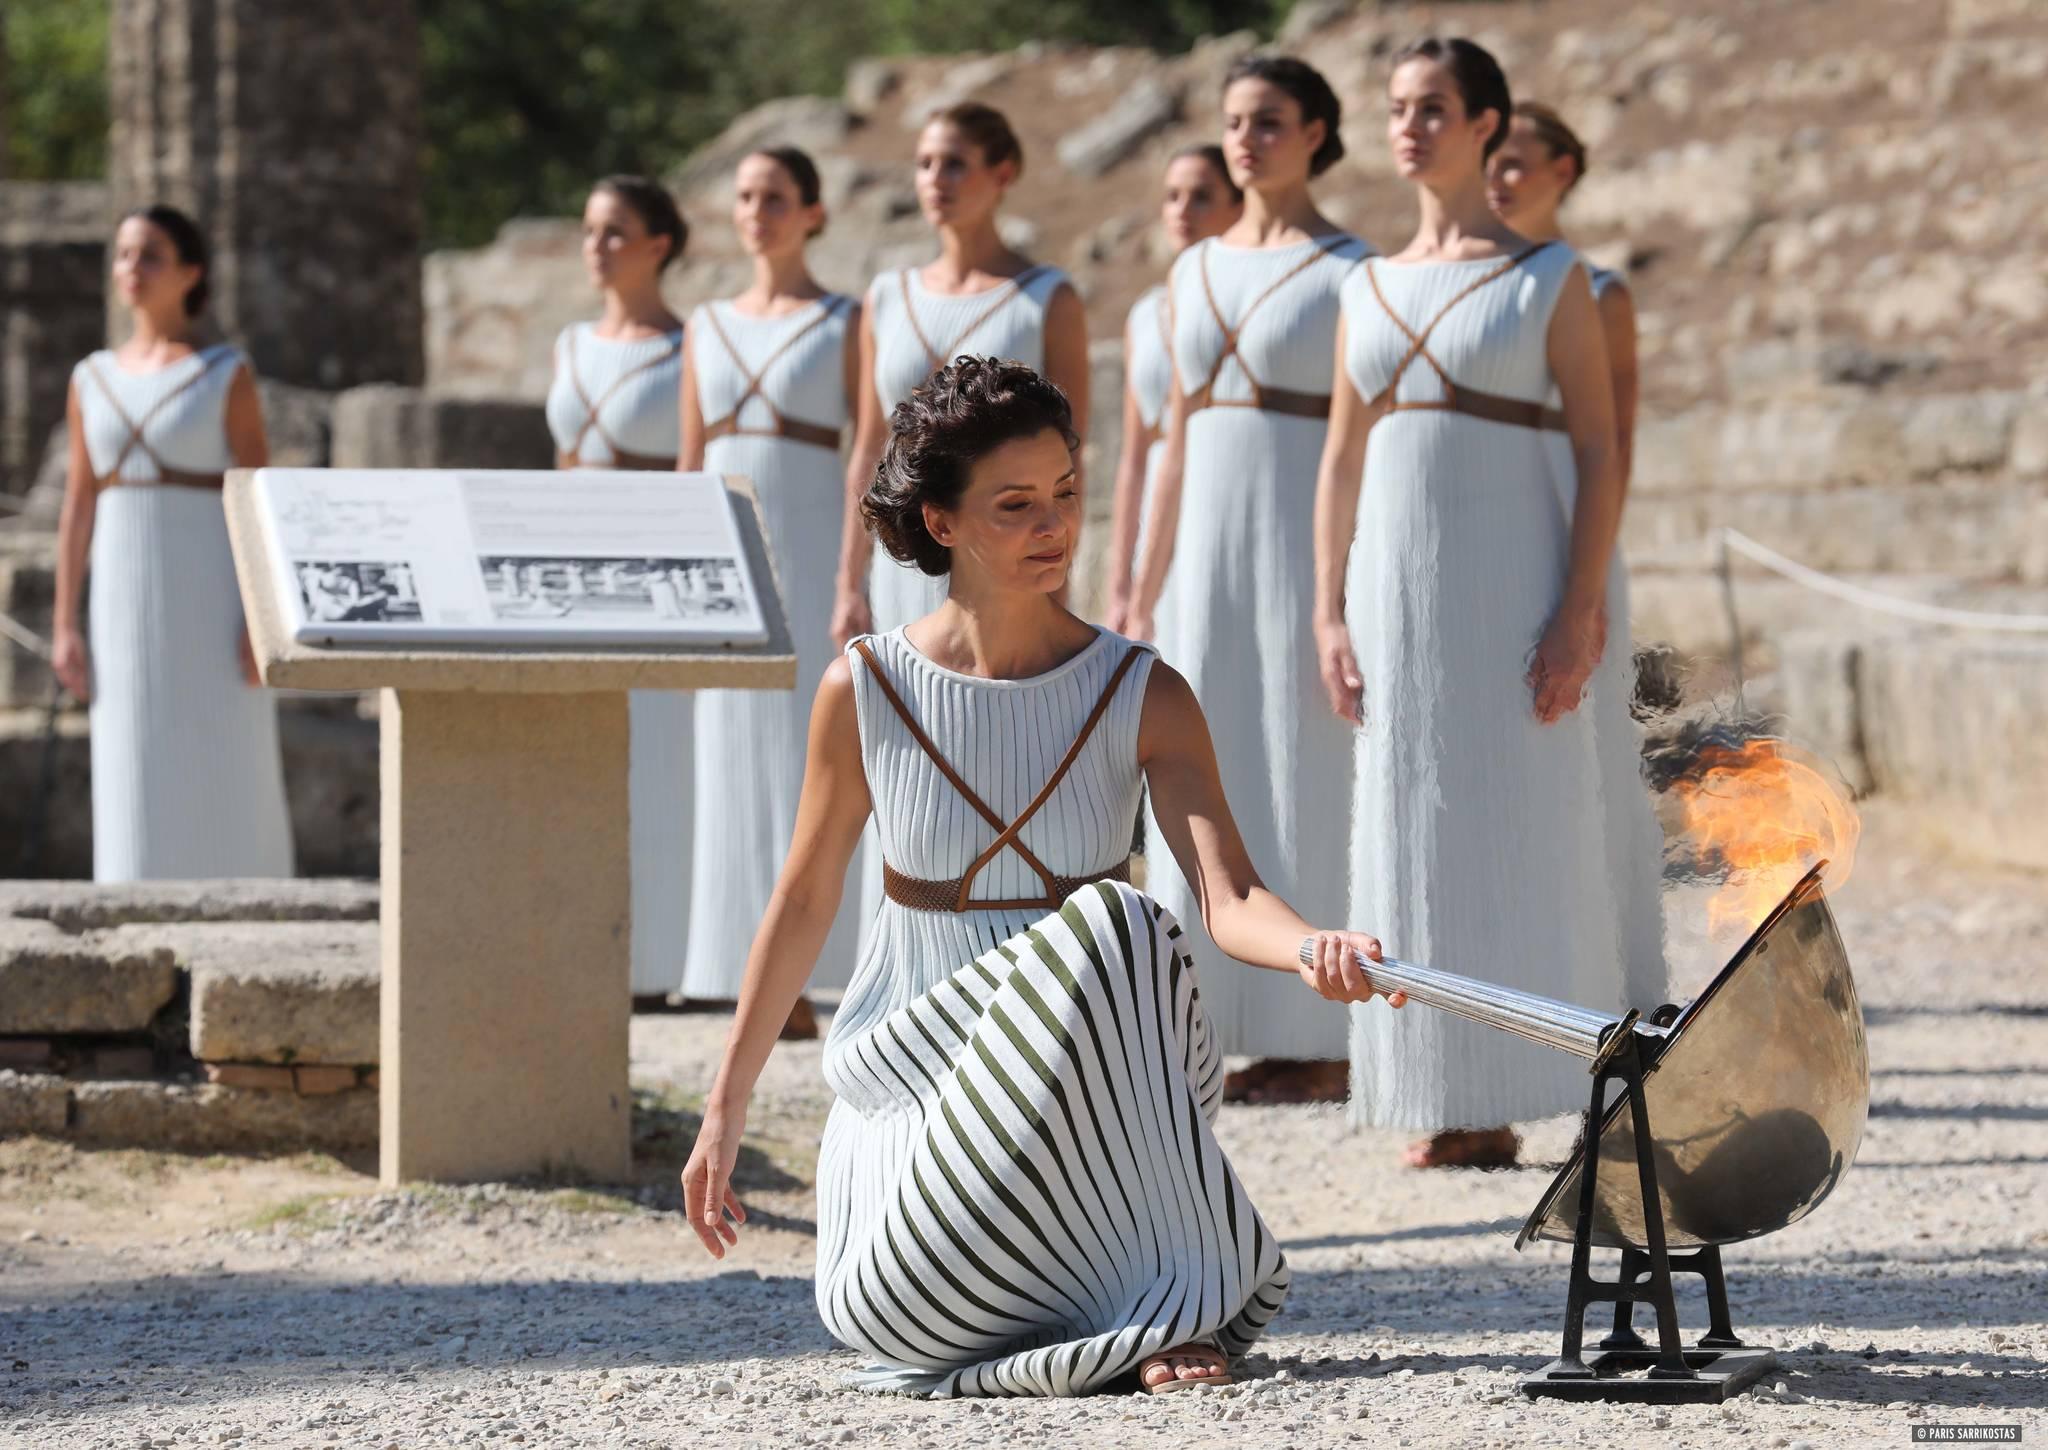 우천대비 사전에 채화되는 성화   (올림피아<그리스>=연합뉴스) 내년 2월 강원도 평창을 뜨겁게 밝힐 평창동계올림픽 성화가 22일(현지시간) 고대 올림픽 발상지인 그리스 올림피아 헤라신전에서 우천에 대비해 사전 채화되고 있다. 2017.10.23   kimsdoo@yna.co.kr   (끝) <저작권자(c) 연합뉴스, 무단 전재-재배포 금지>